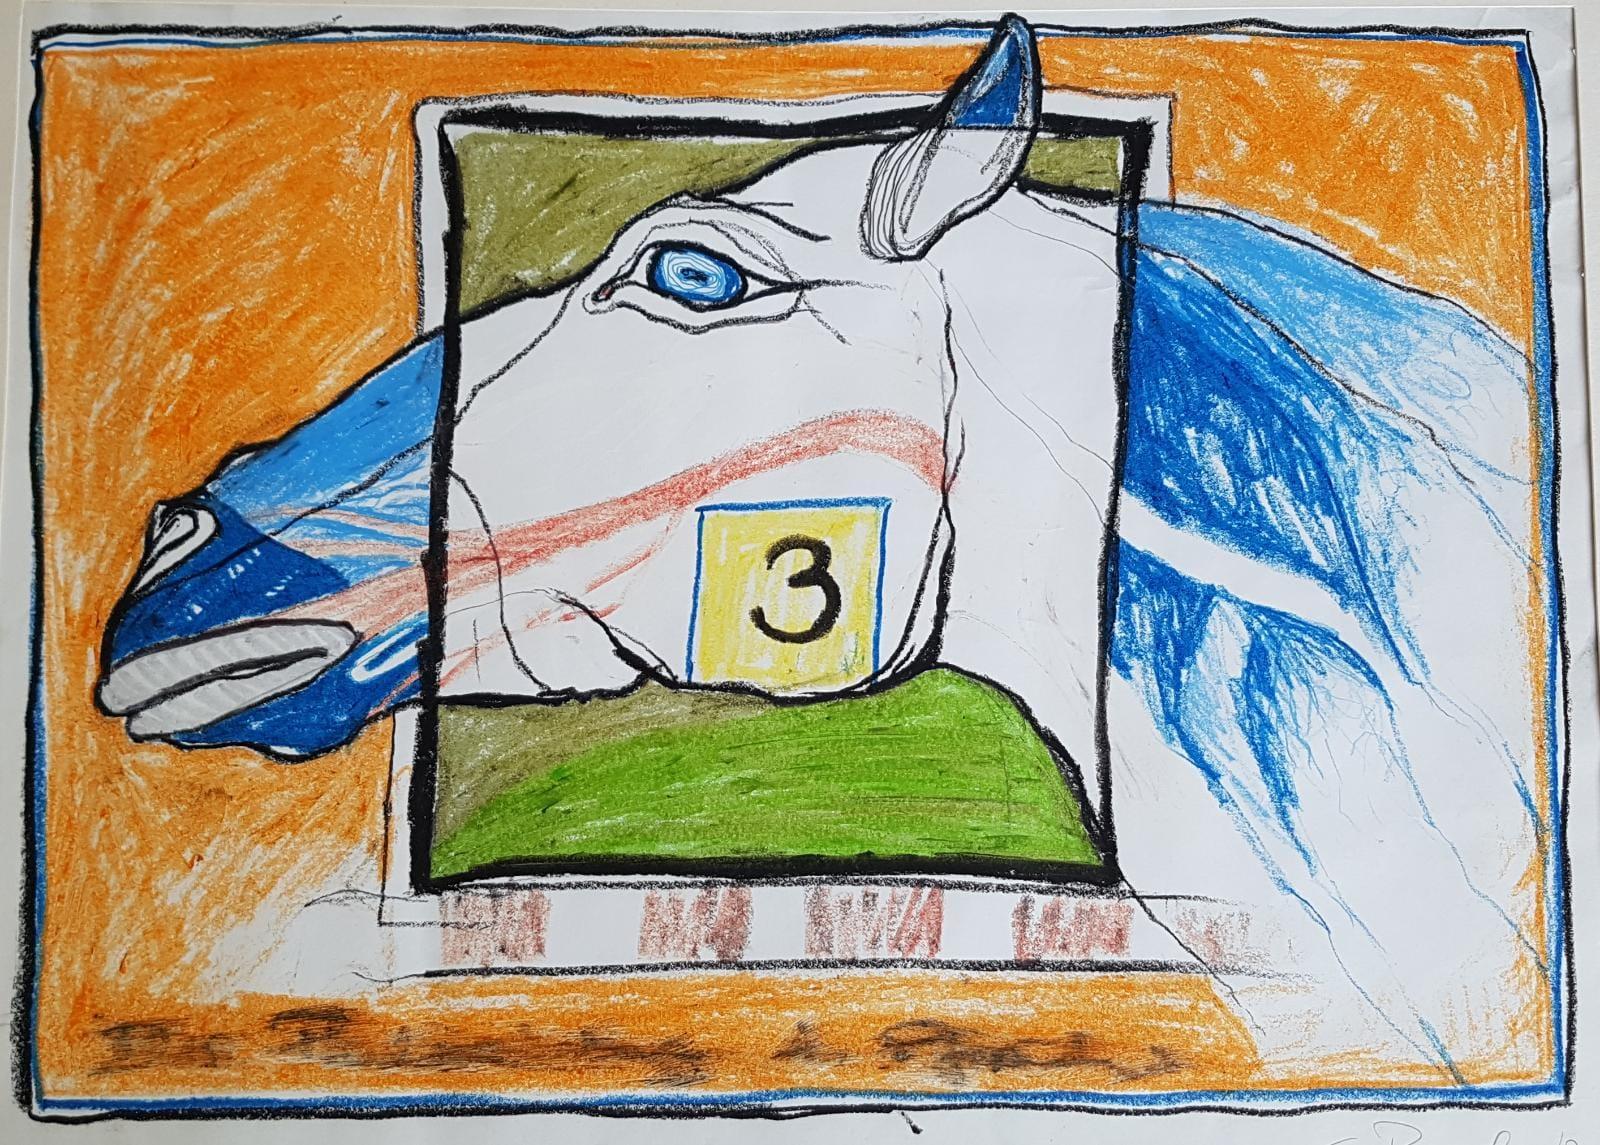 Wvz 1972 | P | 041 | Pulsschlag eines Pferdes